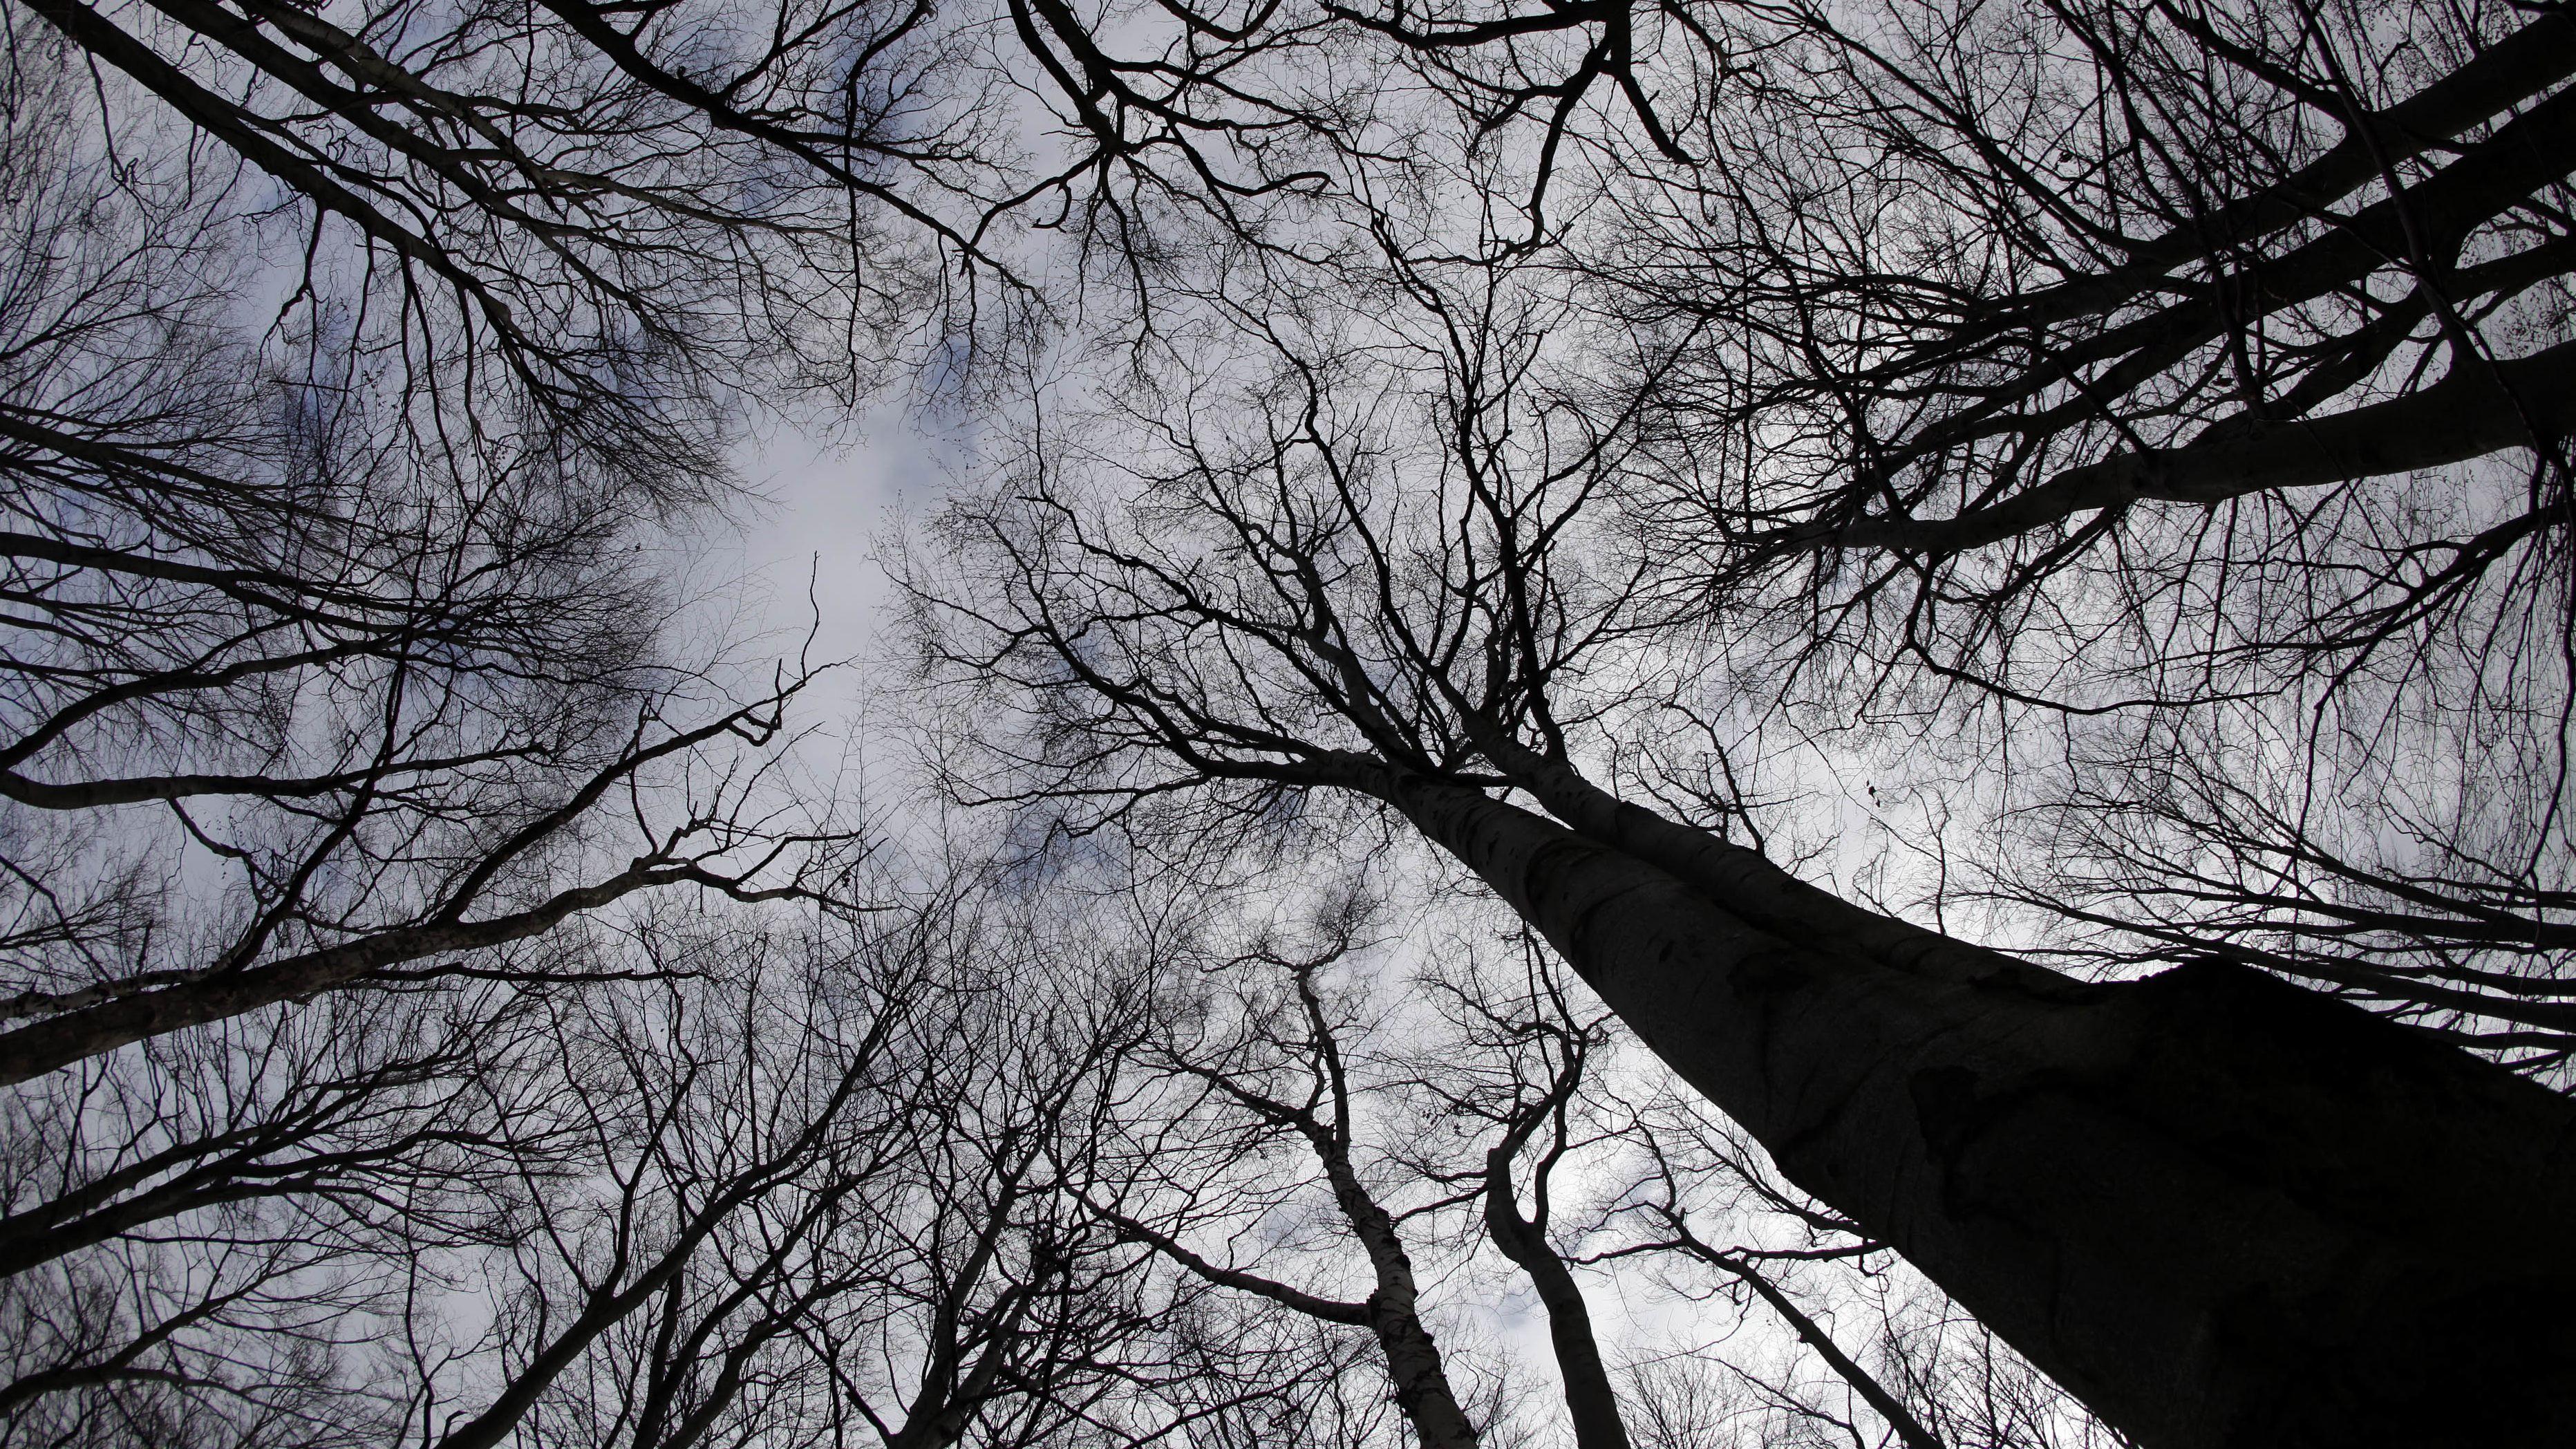 Wald im Winter, von unten fotografiert